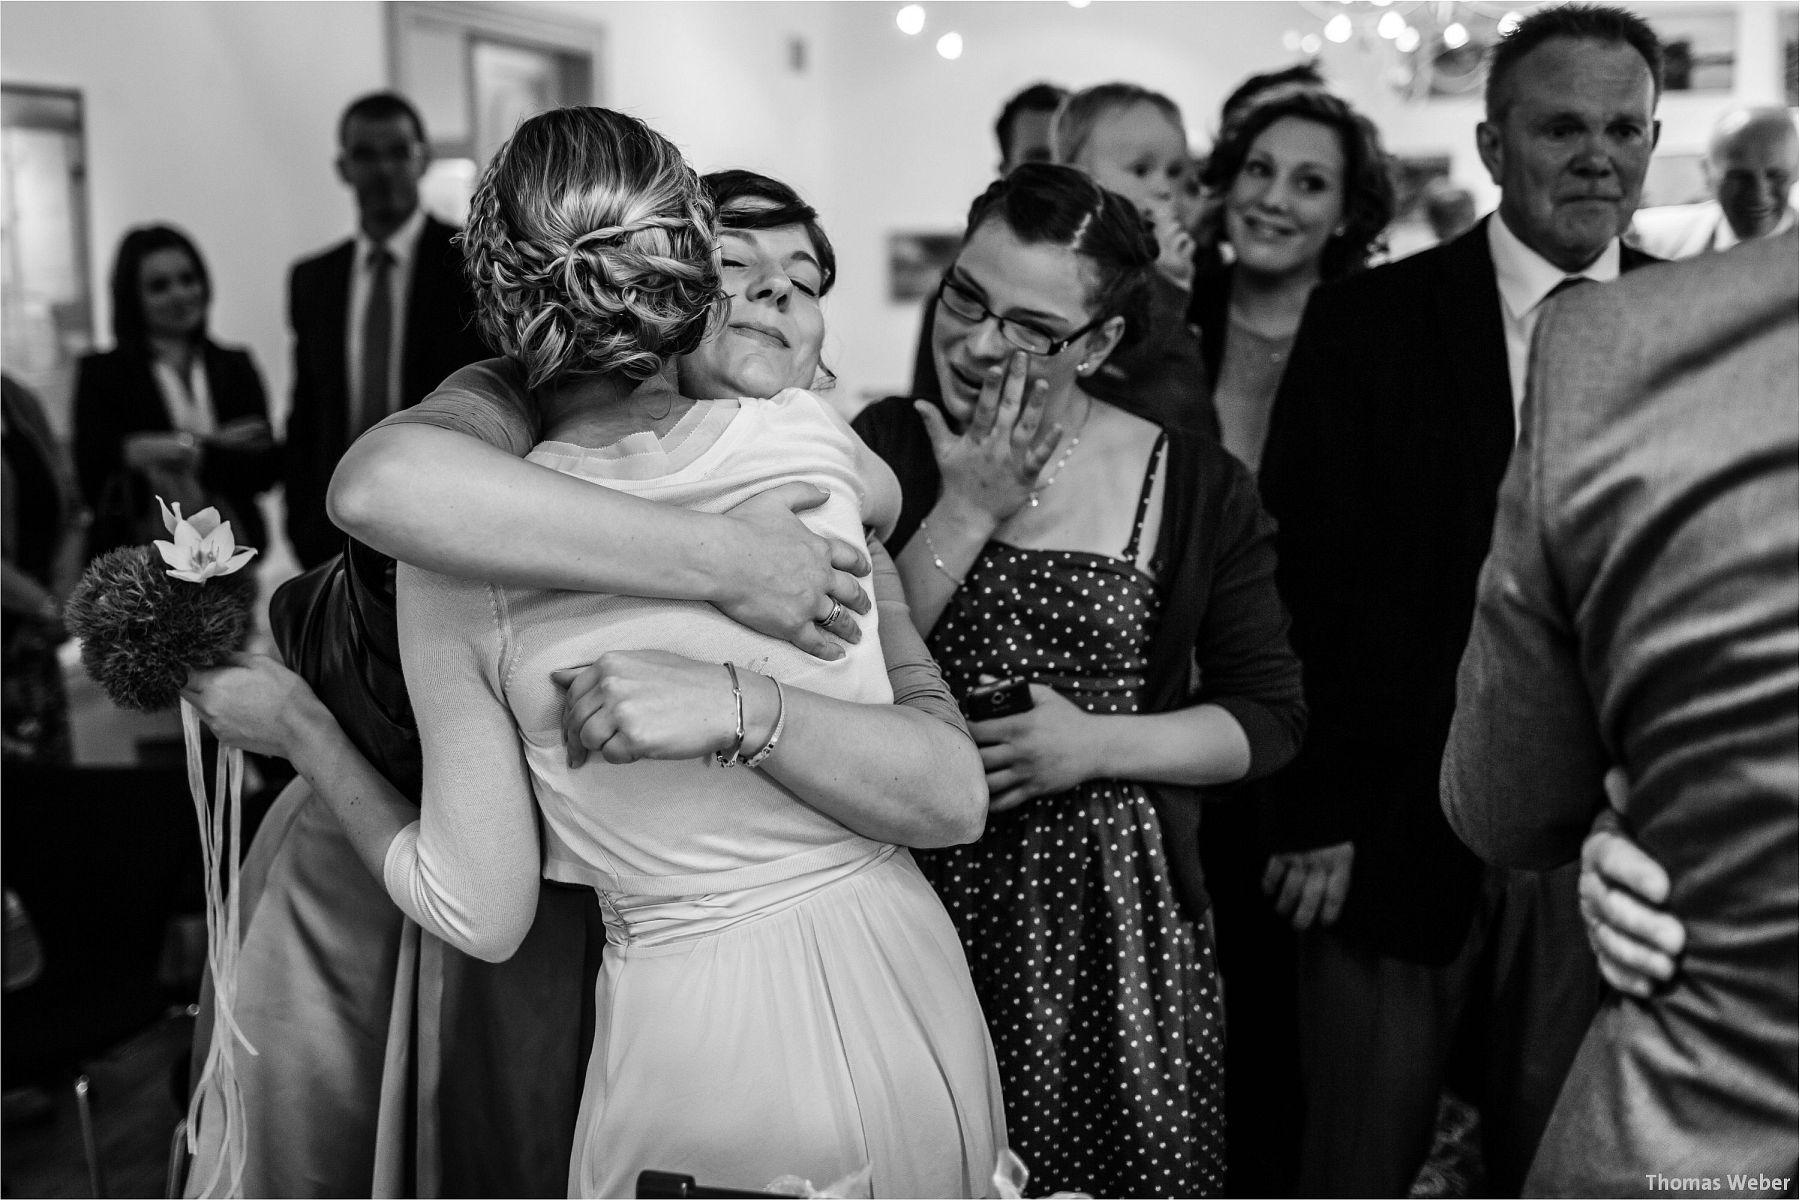 Hochzeitsfotograf Papenburg: Standesamtliche Trauung auf der Burg Kniphausen und Feier im Le Patron am Meer (13)